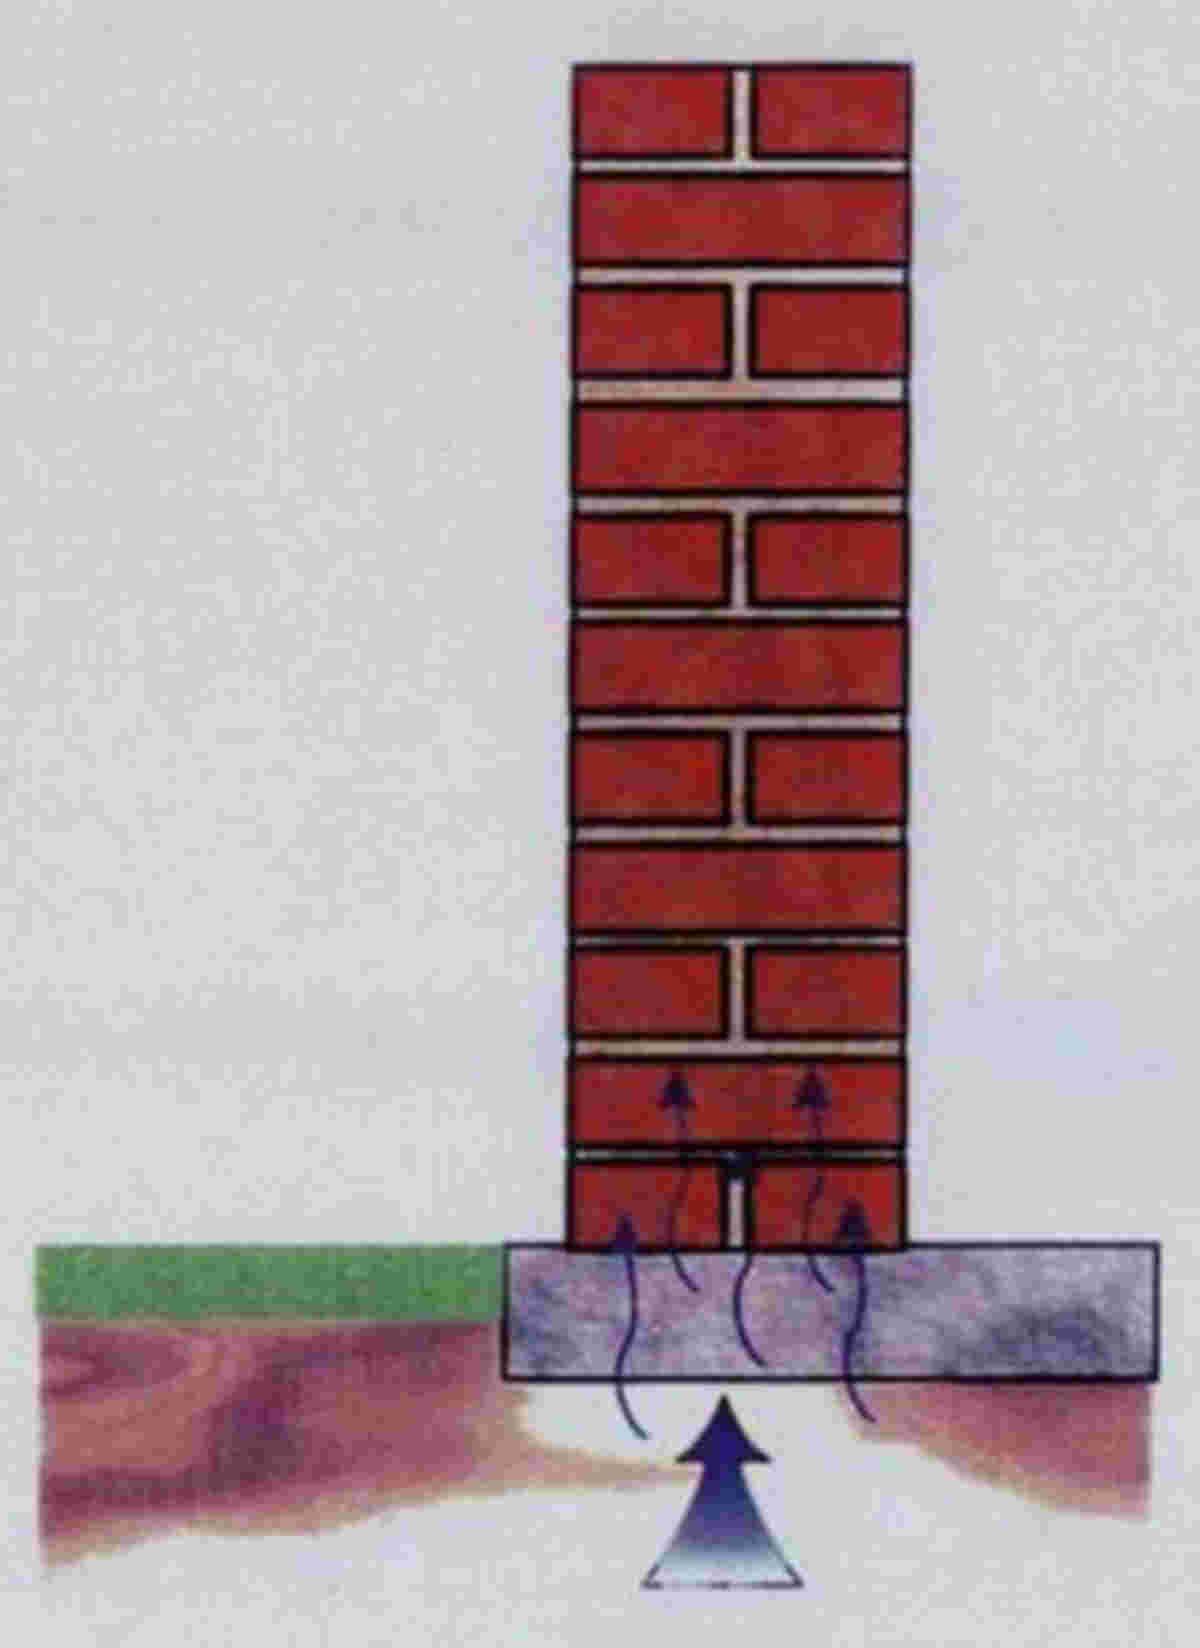 Paraffinbohrlochsperre (Heißwachssperre) - Abbildung 1